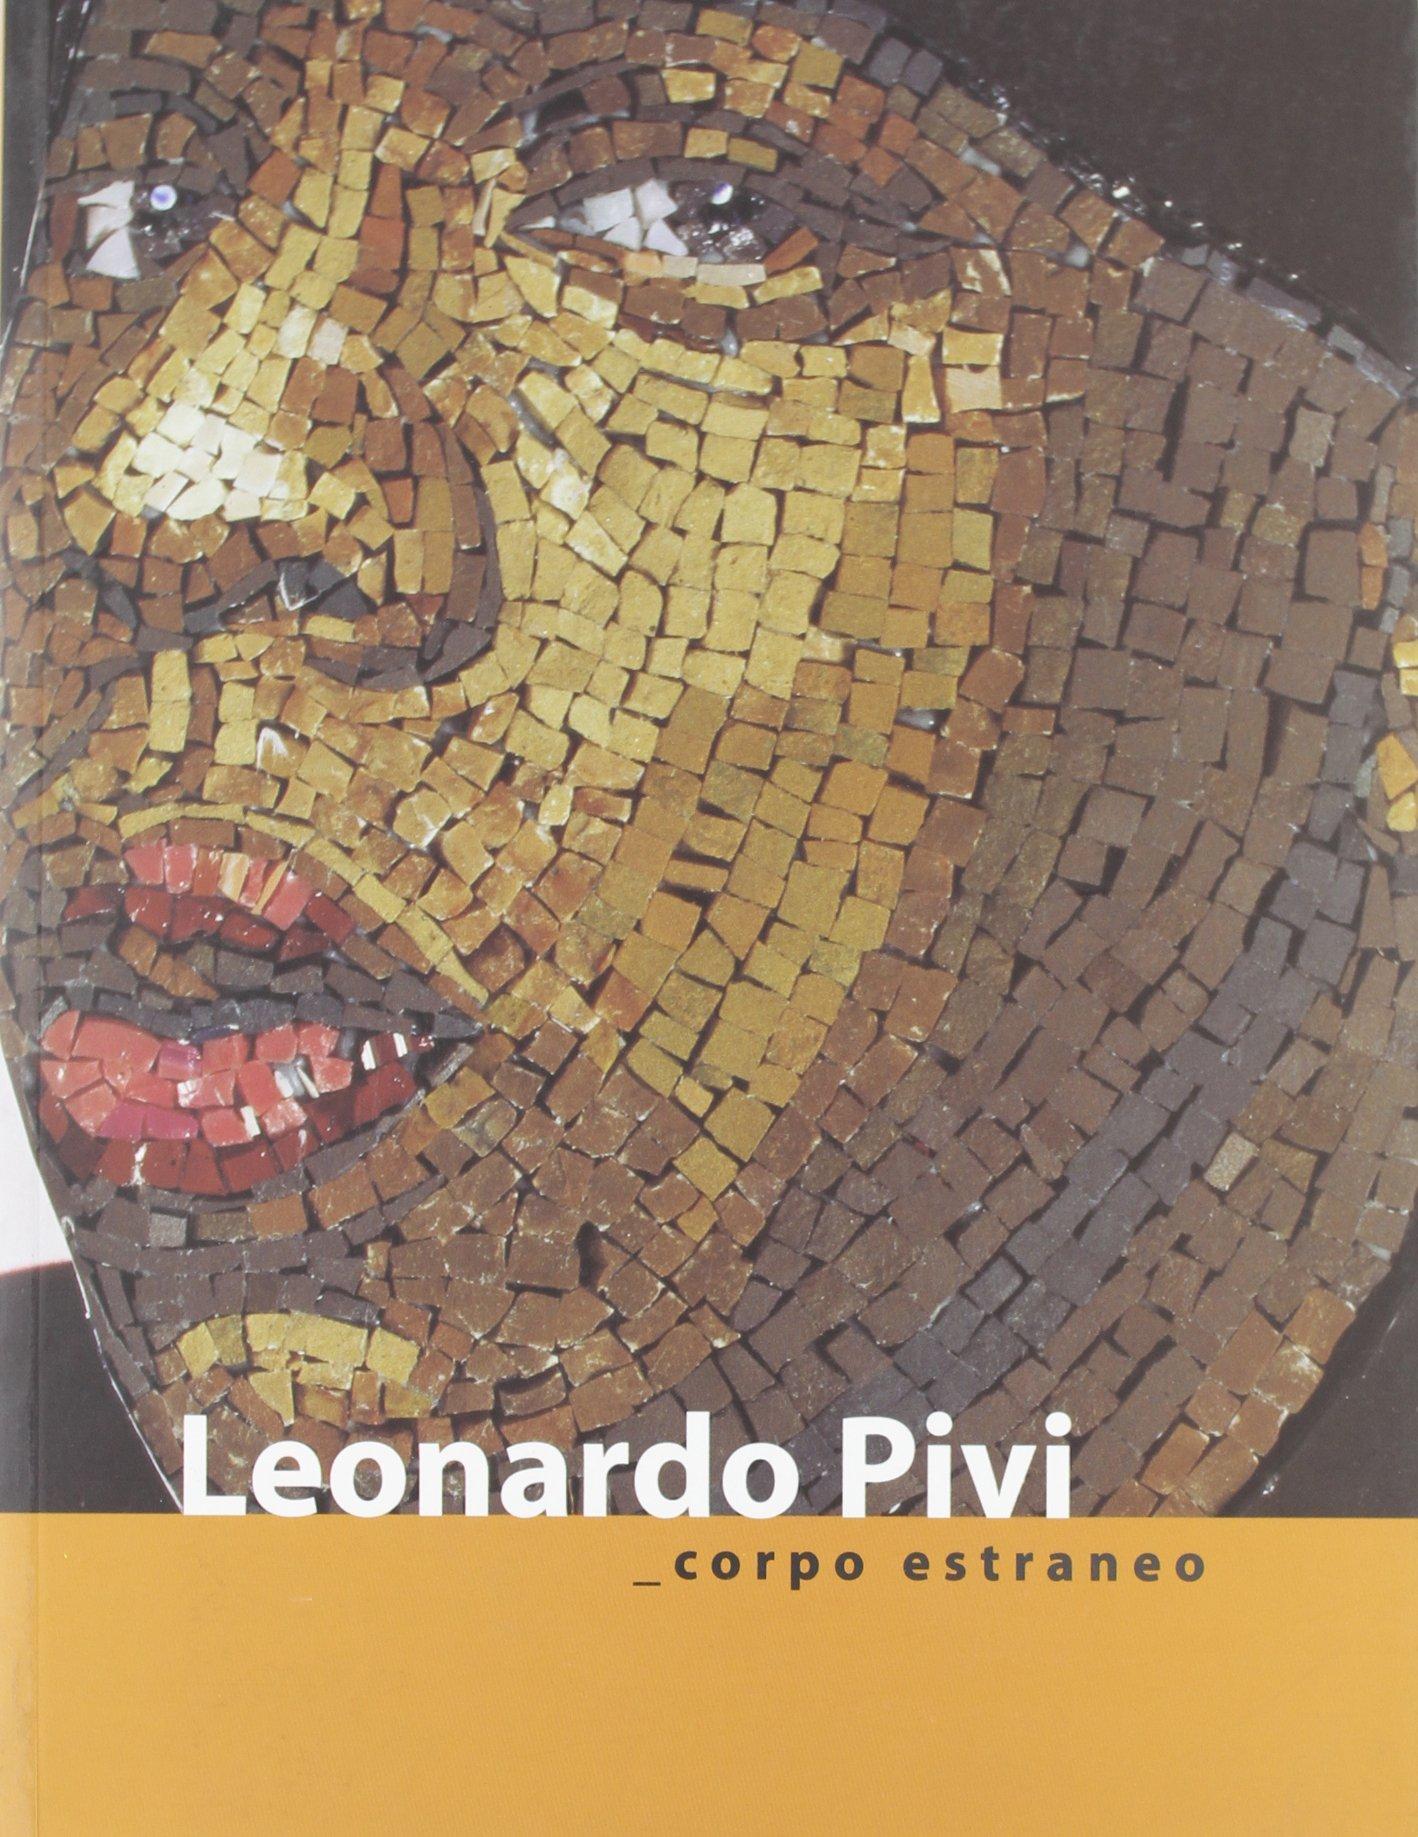 Leonardo Pivi